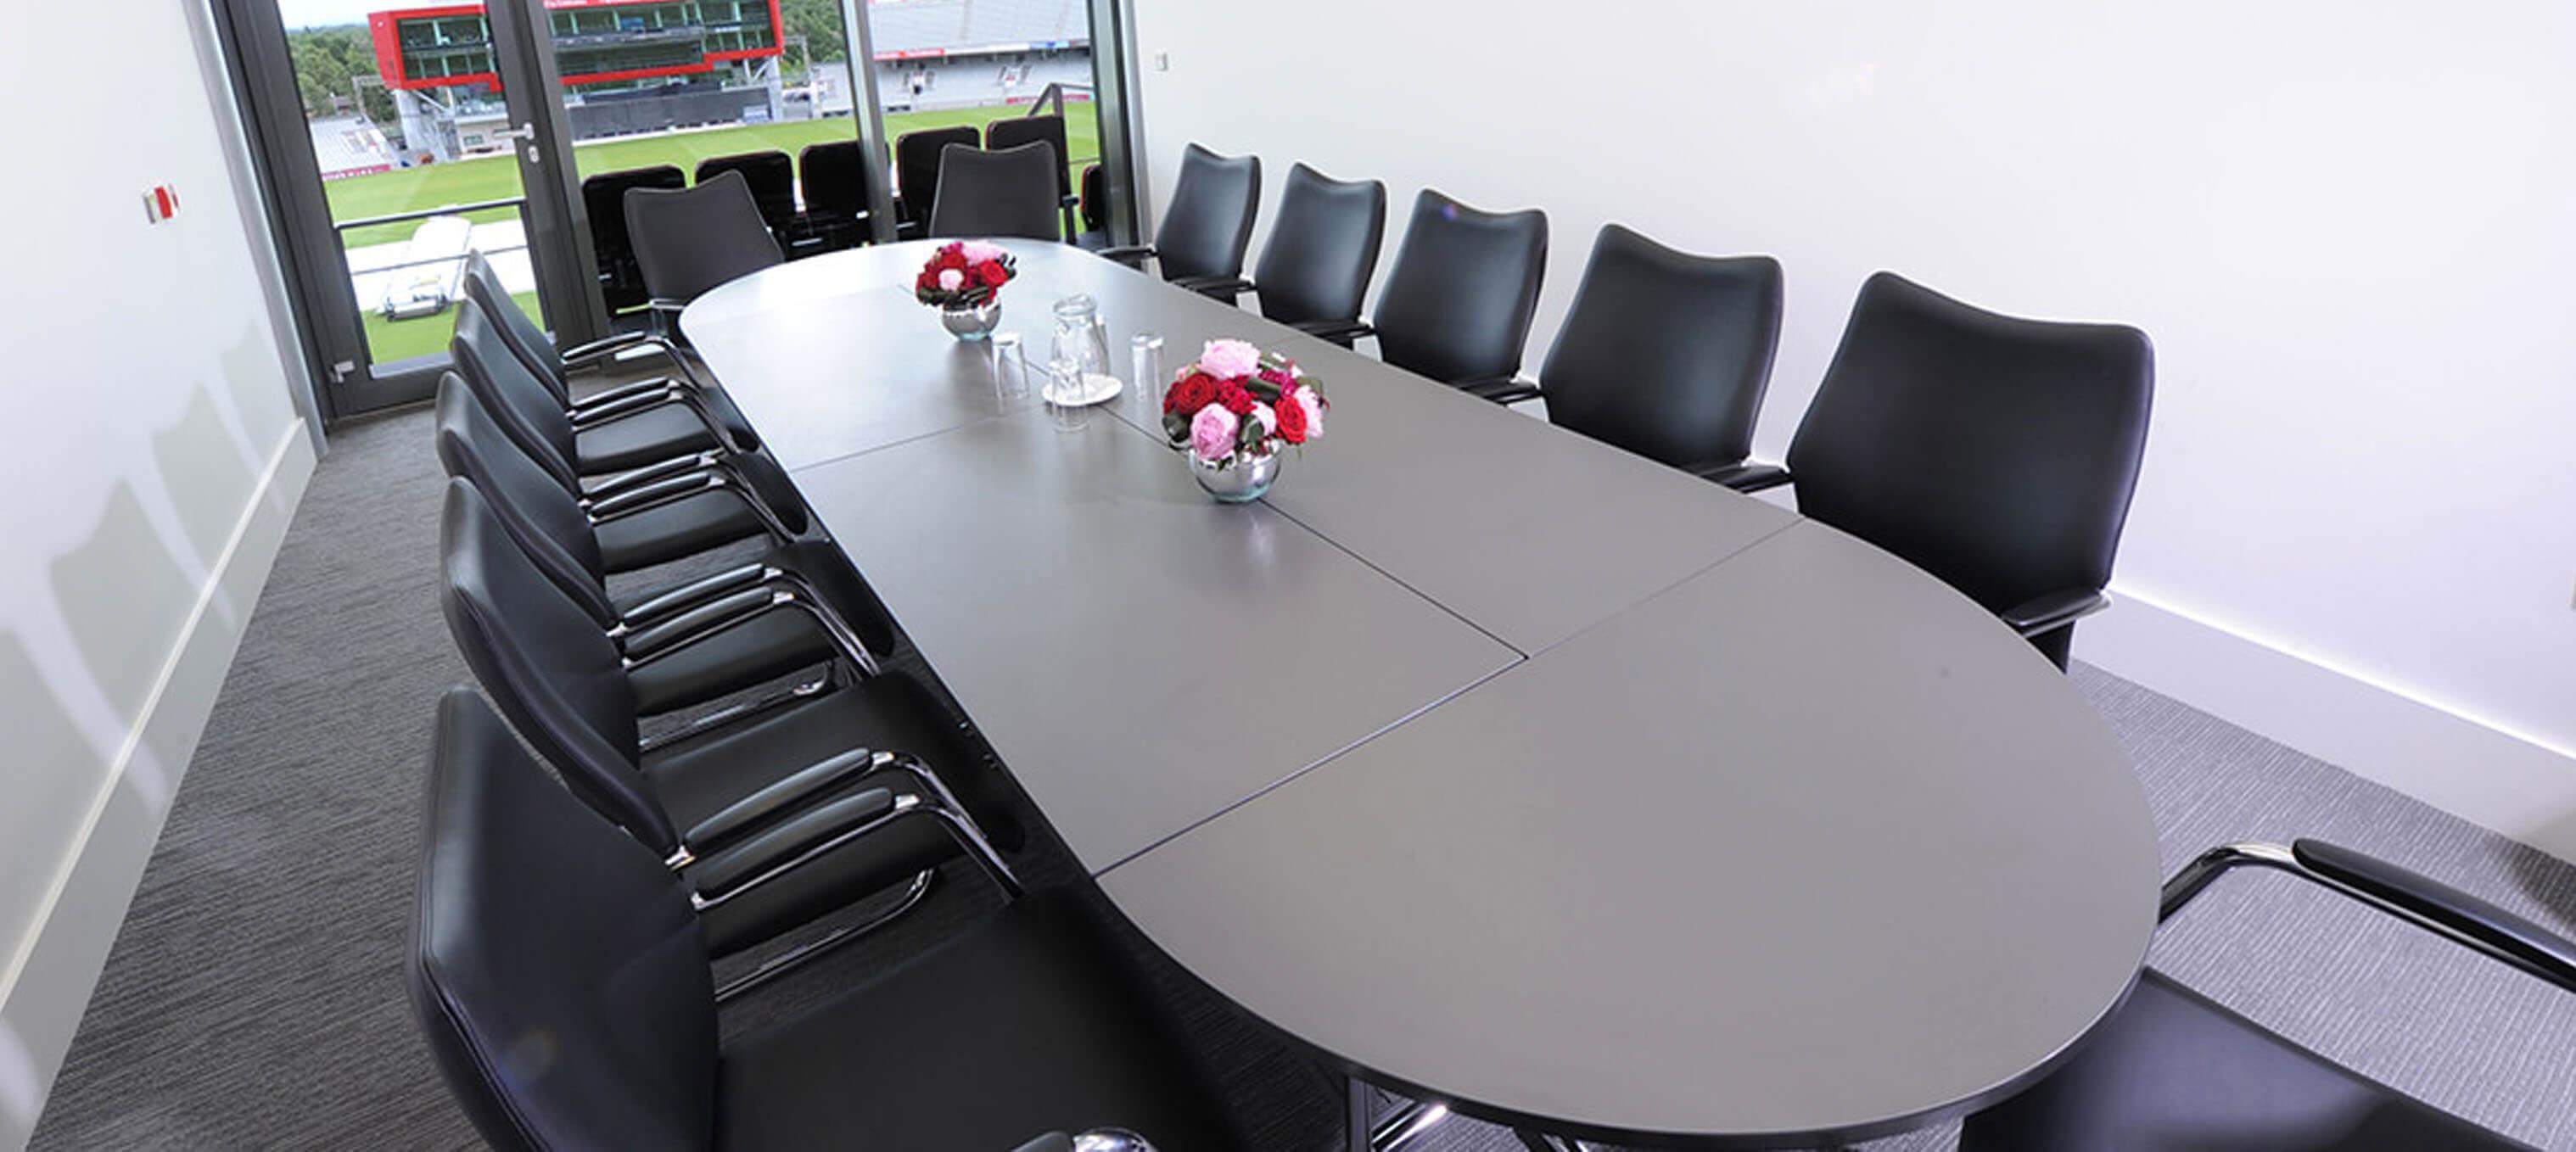 Forum Board Room Stühle  Hero 2